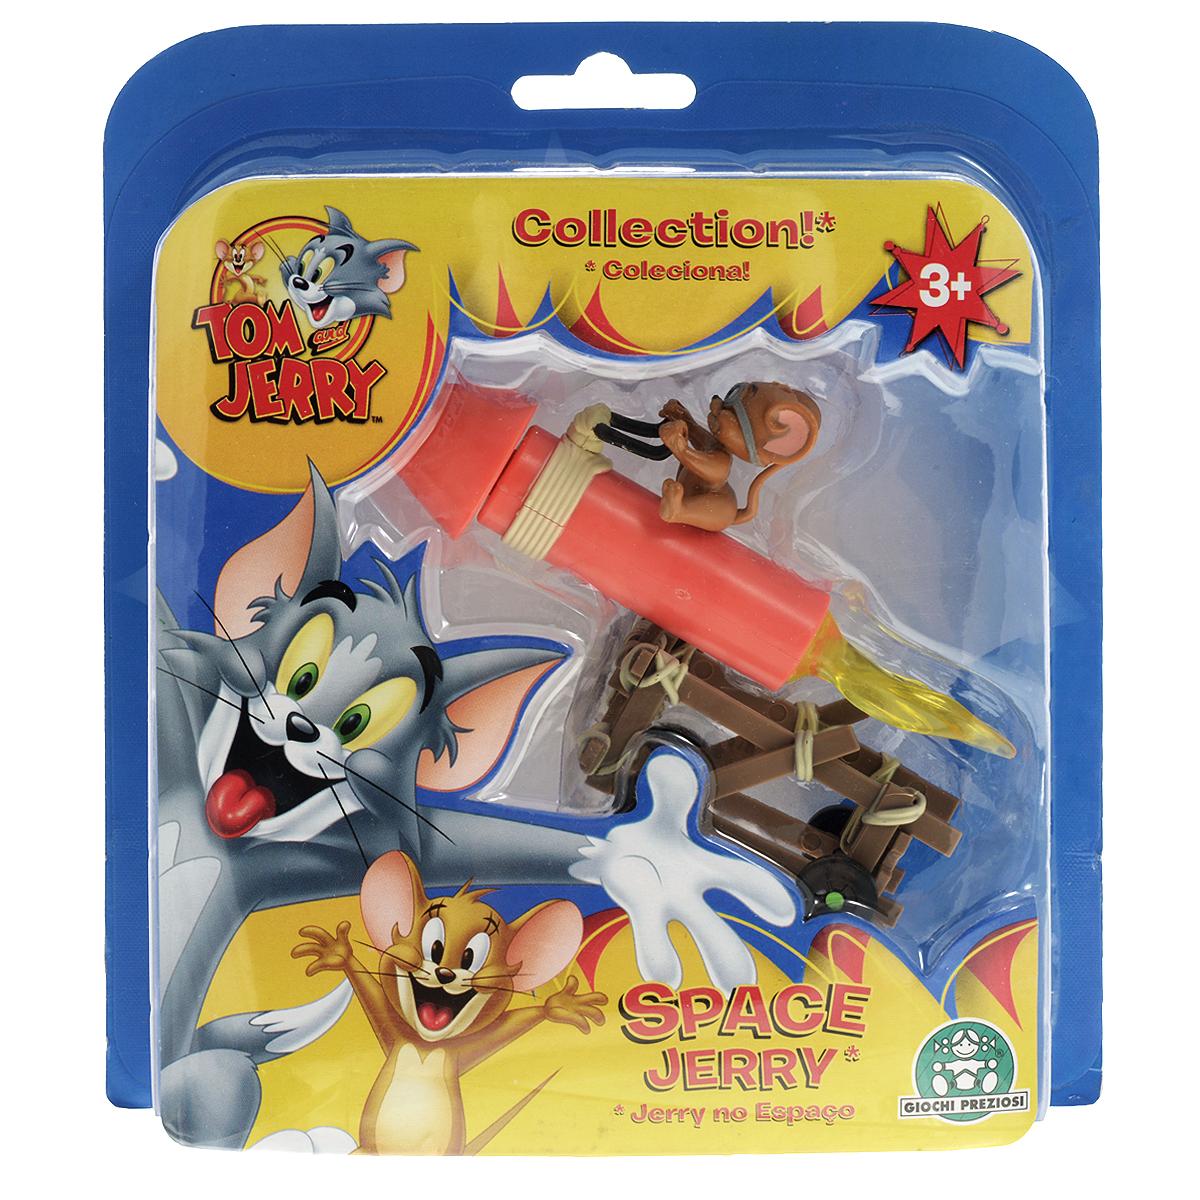 Игровой набор Tom and Jerry Space JerryGPH15054_Space JerryИгровой набор Tom and Jerry Space Jerry выполнен из яркого пластика и включает ракету с мышкой Джерри на ней и тележку для перевозки ракеты. Джерри - персонаж популярного мультсериала Том и Джерри (Tom and Jerry). Ракета легко закрепляется на тележке. Благодаря маленькому размеру игрушек ребенок сможет взять их с собой на прогулку или в гости. Замечательный подарок поклоннику знаменитого мультсериала!